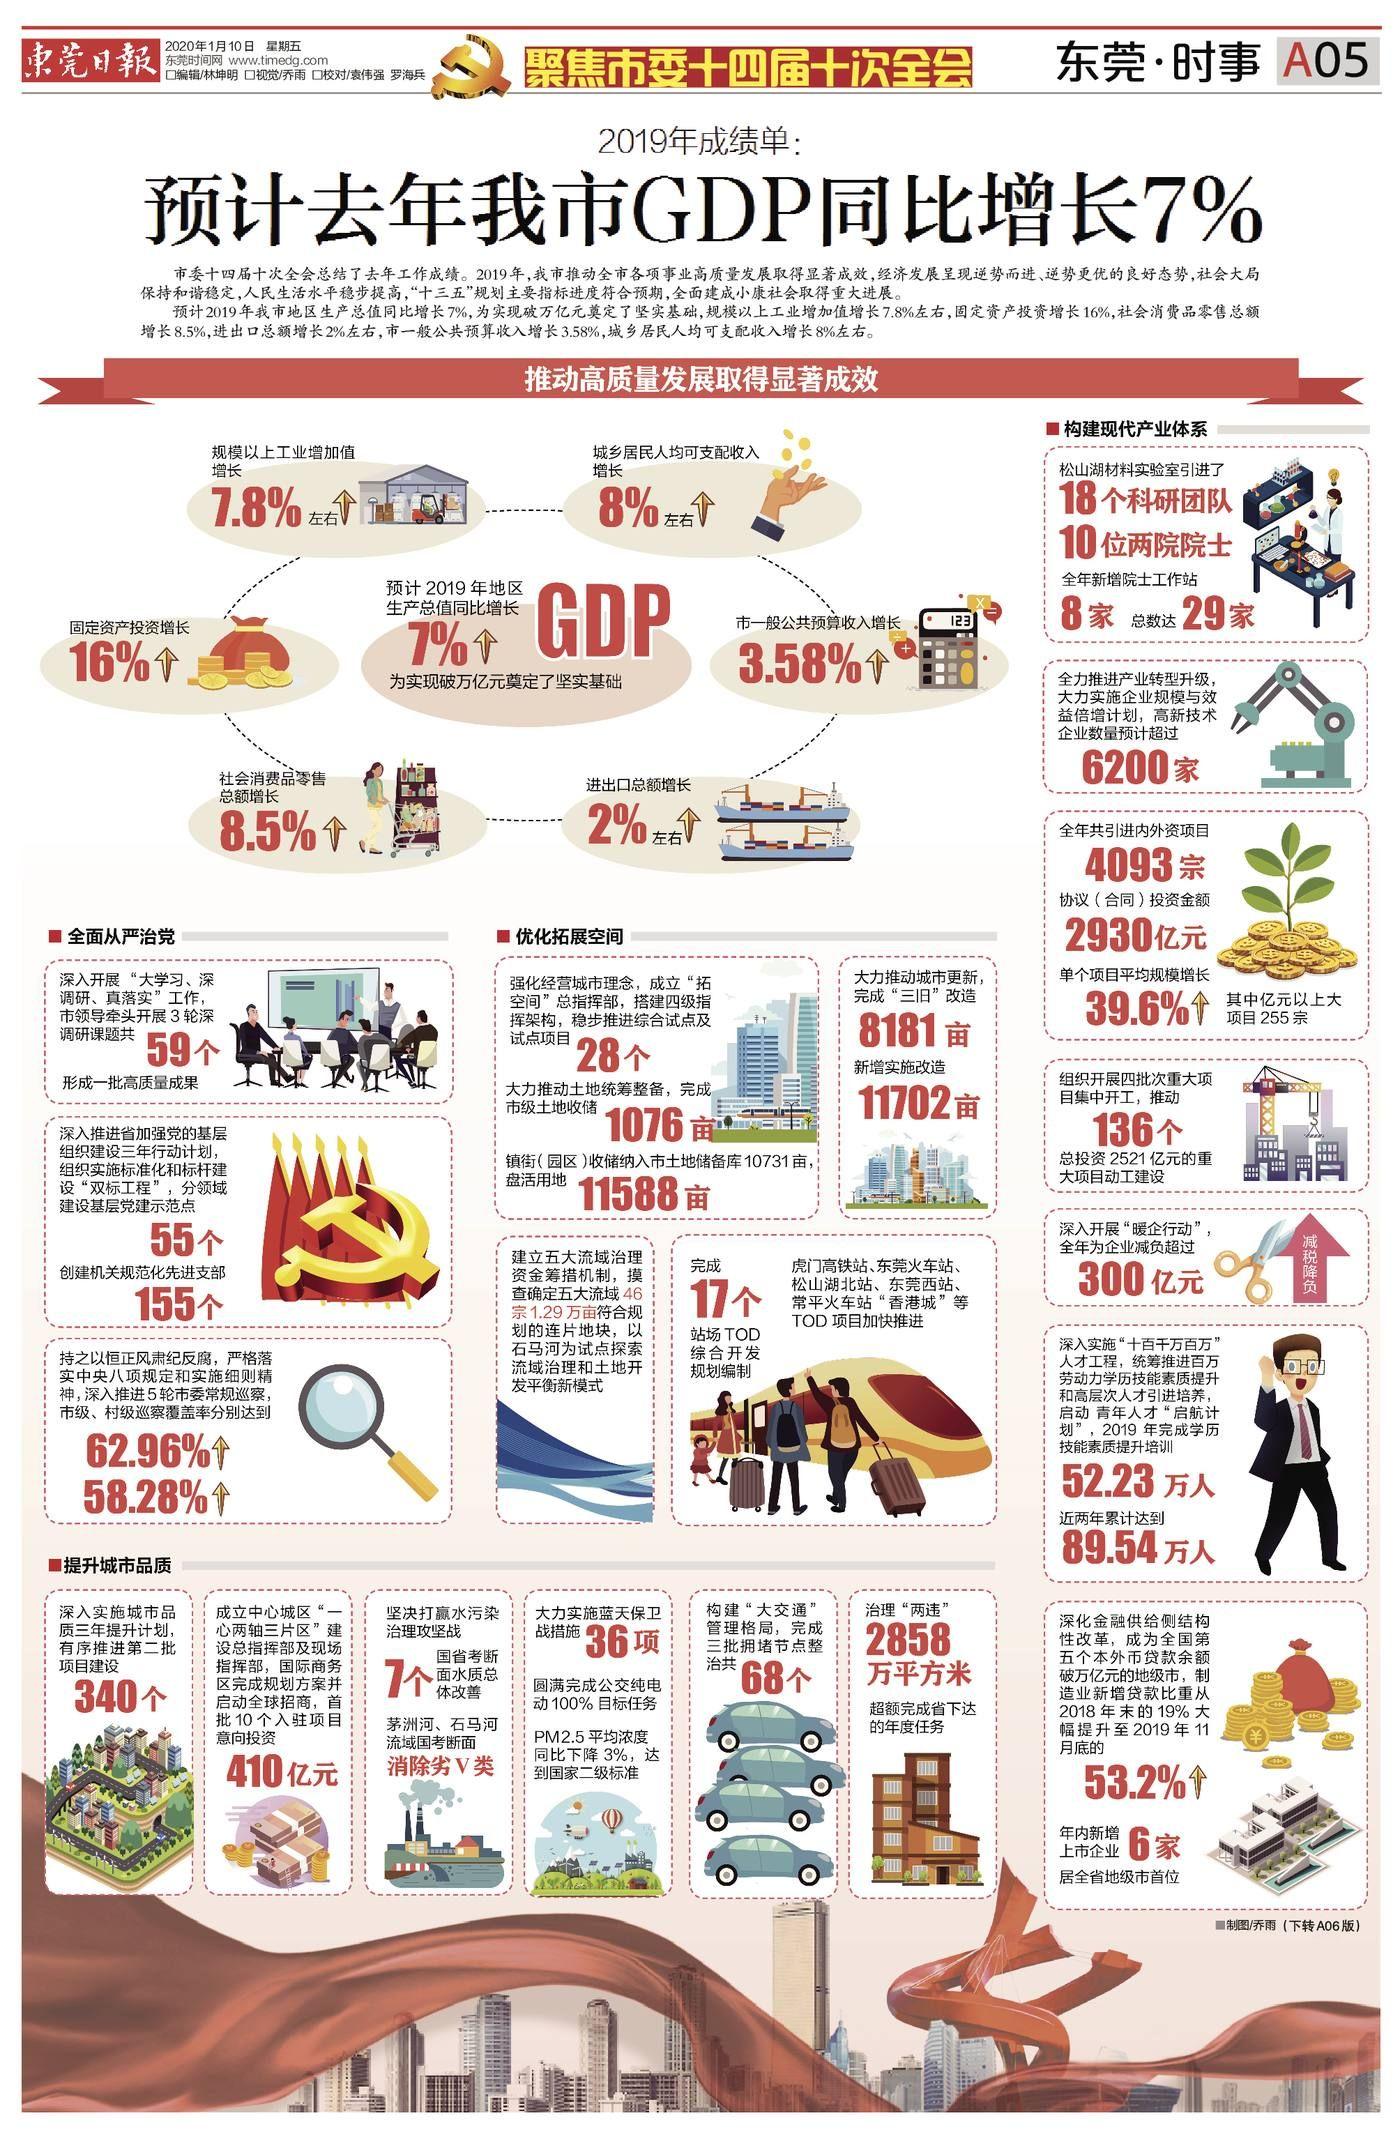 """2020年东莞gdp预测_2020上半年GDP:东莞过半镇街增速""""转正"""""""